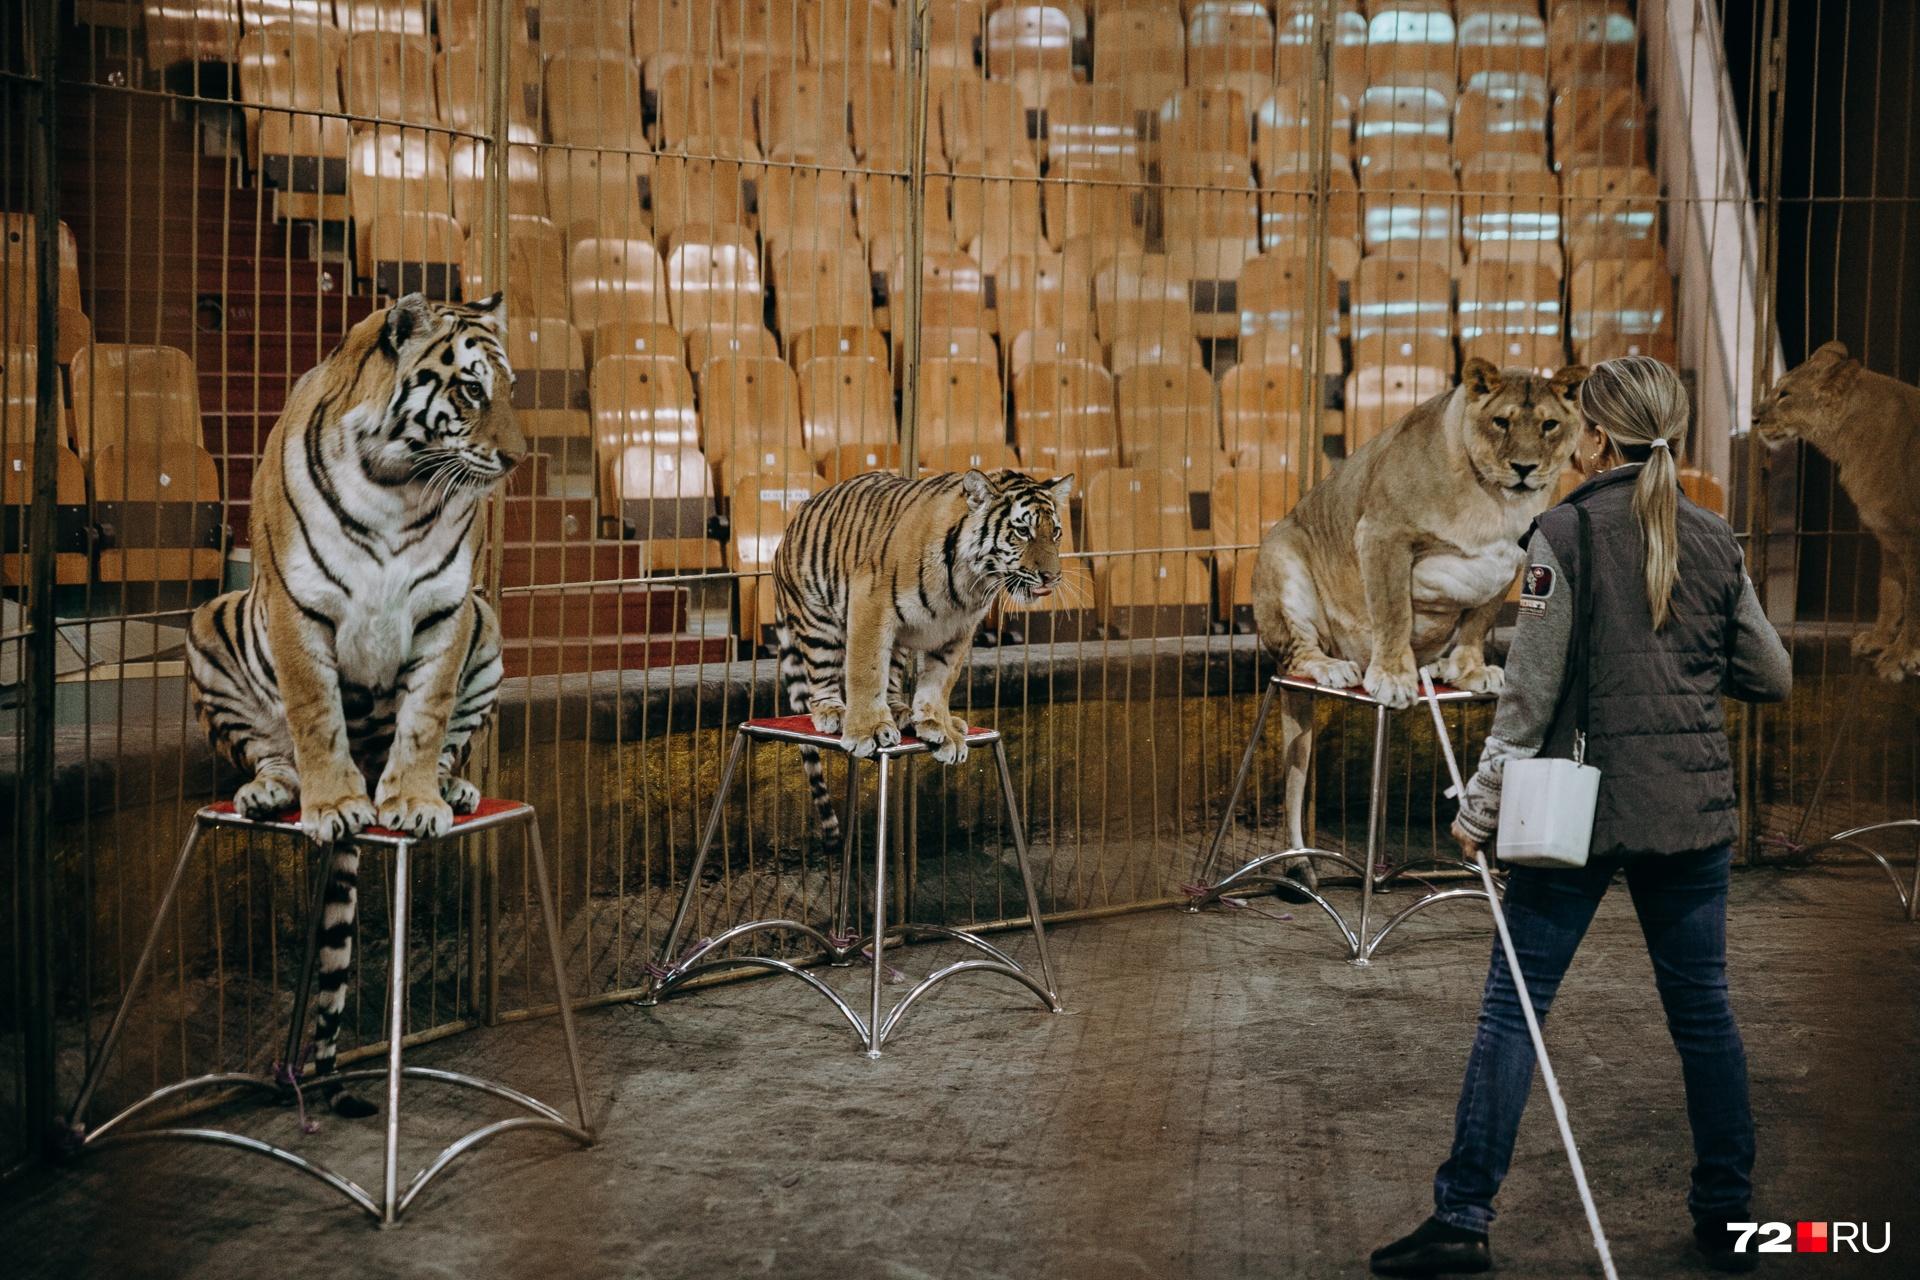 Каждый тигр и лев знает, где его стульчик, и после выполнения трюка направляется сразу к нему